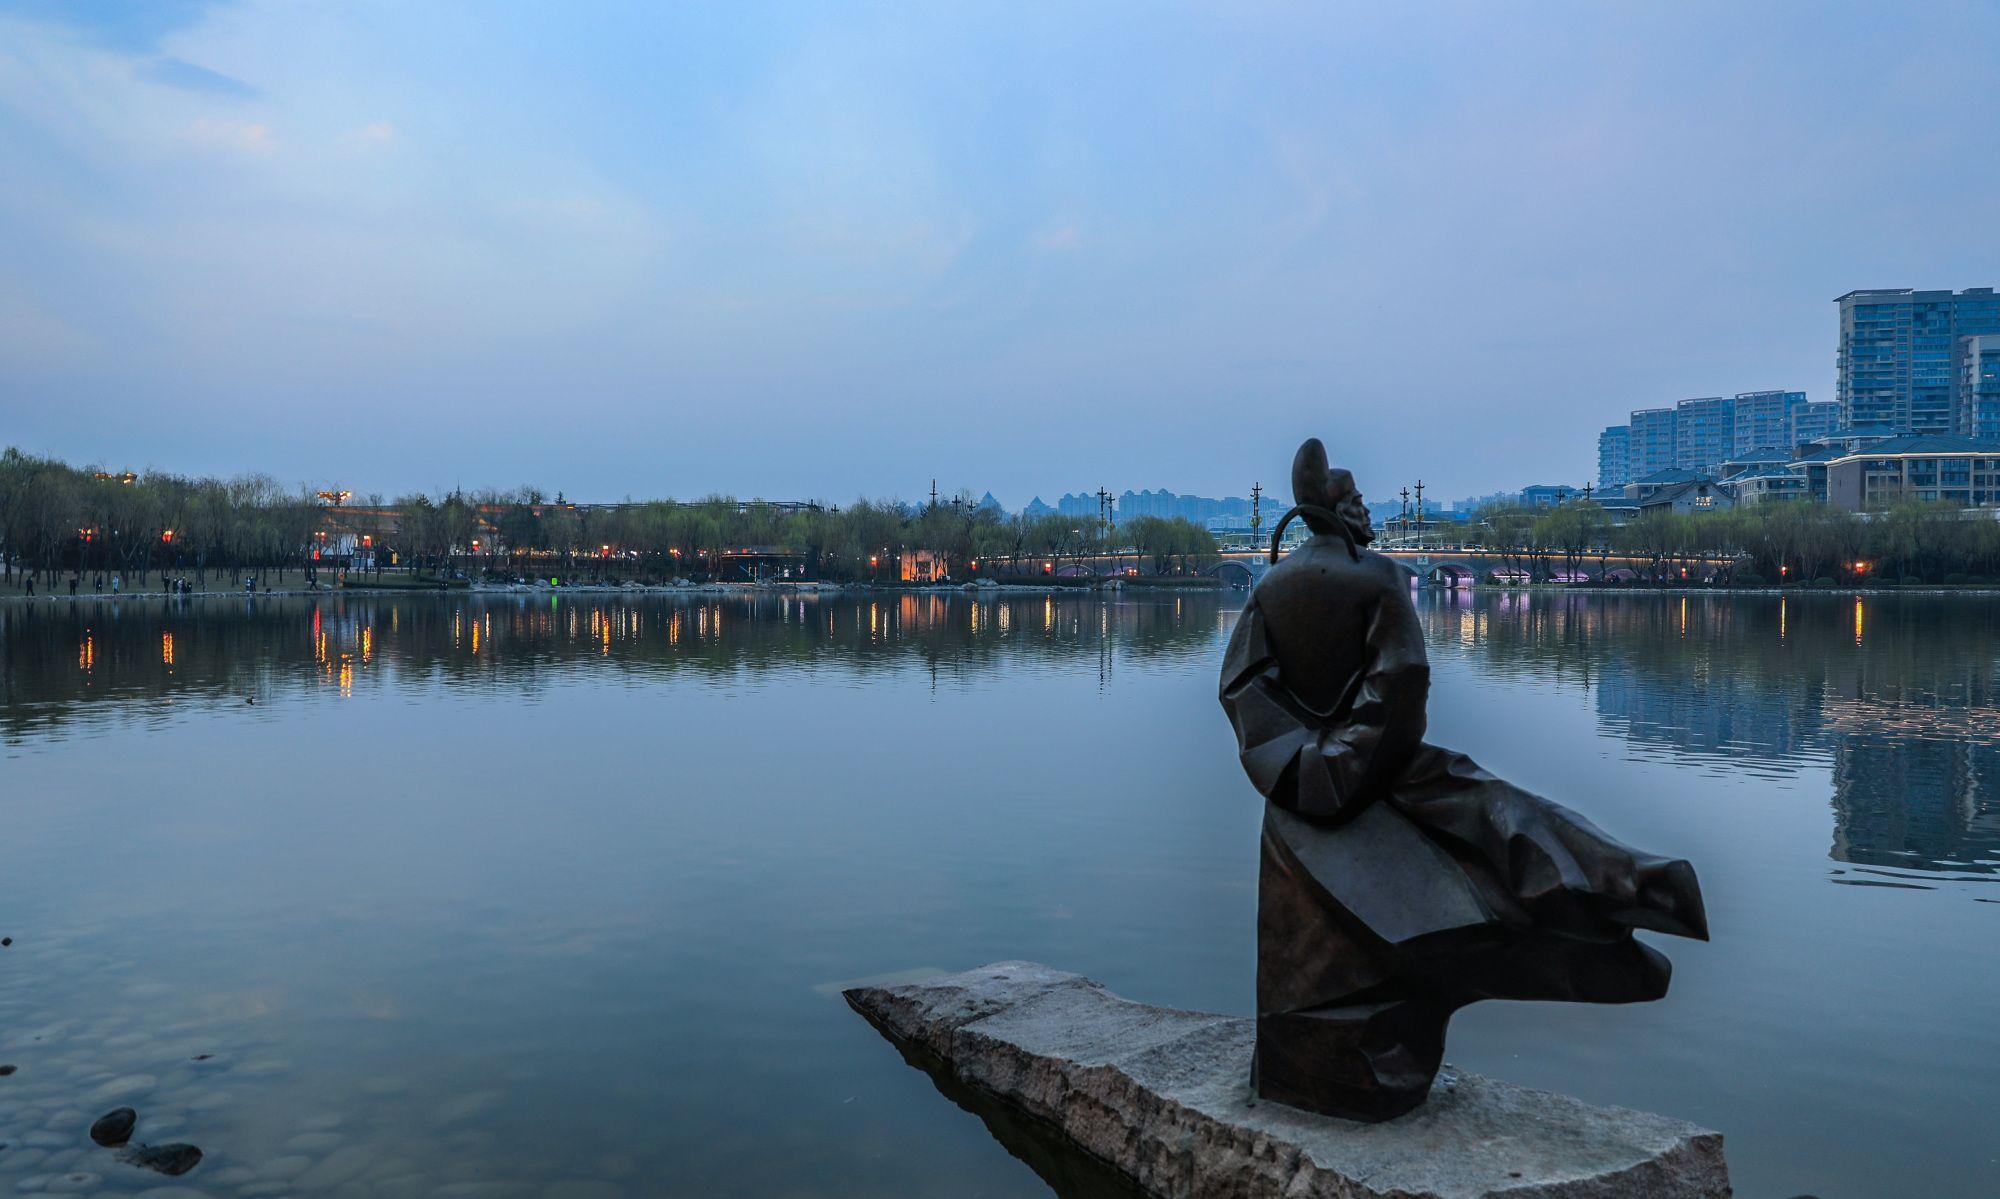 曲江渔火对愁眠,曲江池遗公园打卡